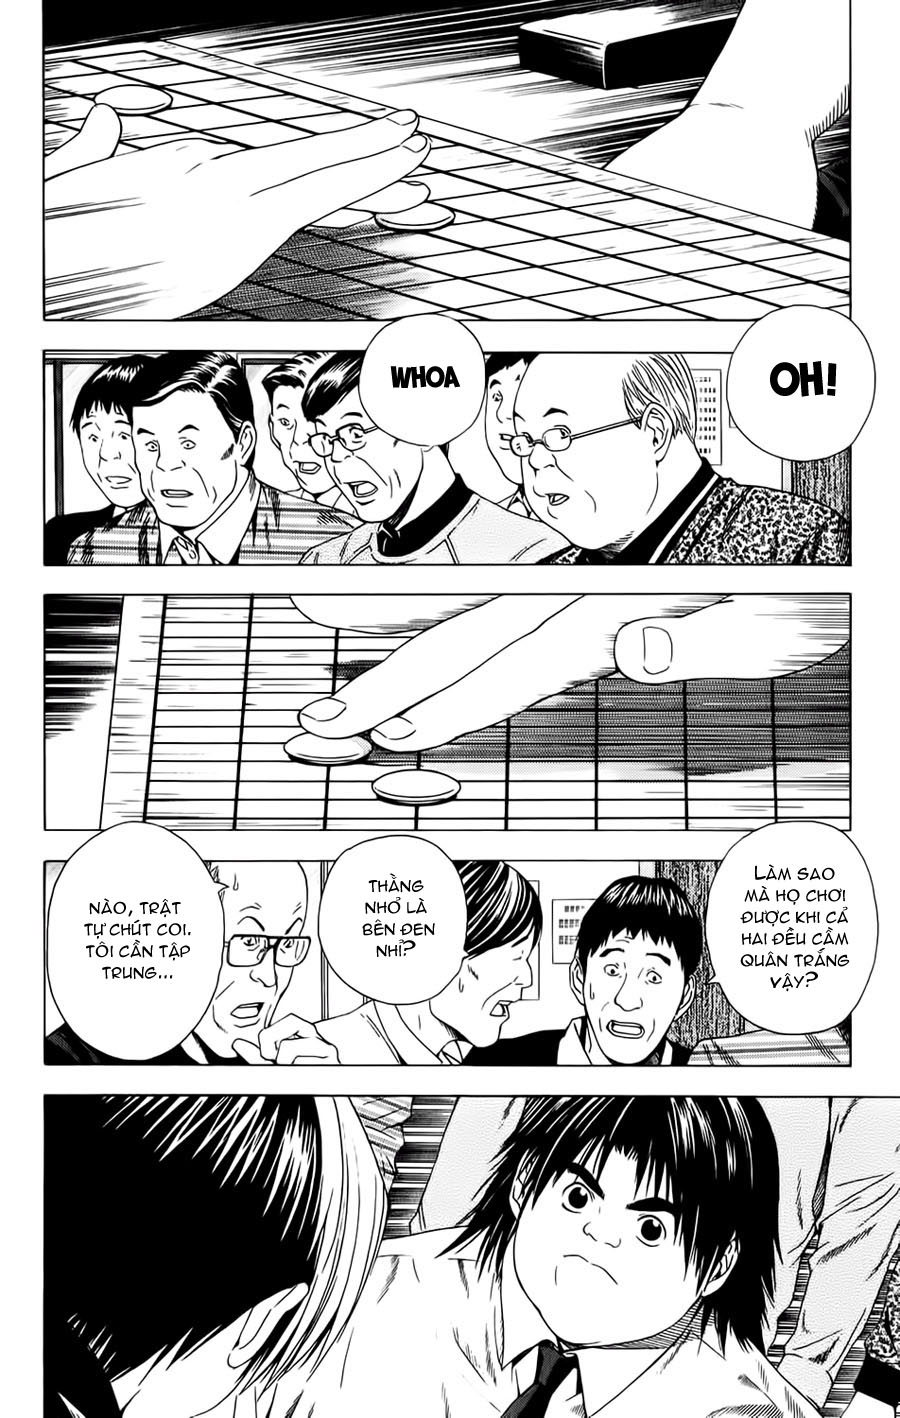 Hikaru No Go hikaru no go chap 120 trang 3